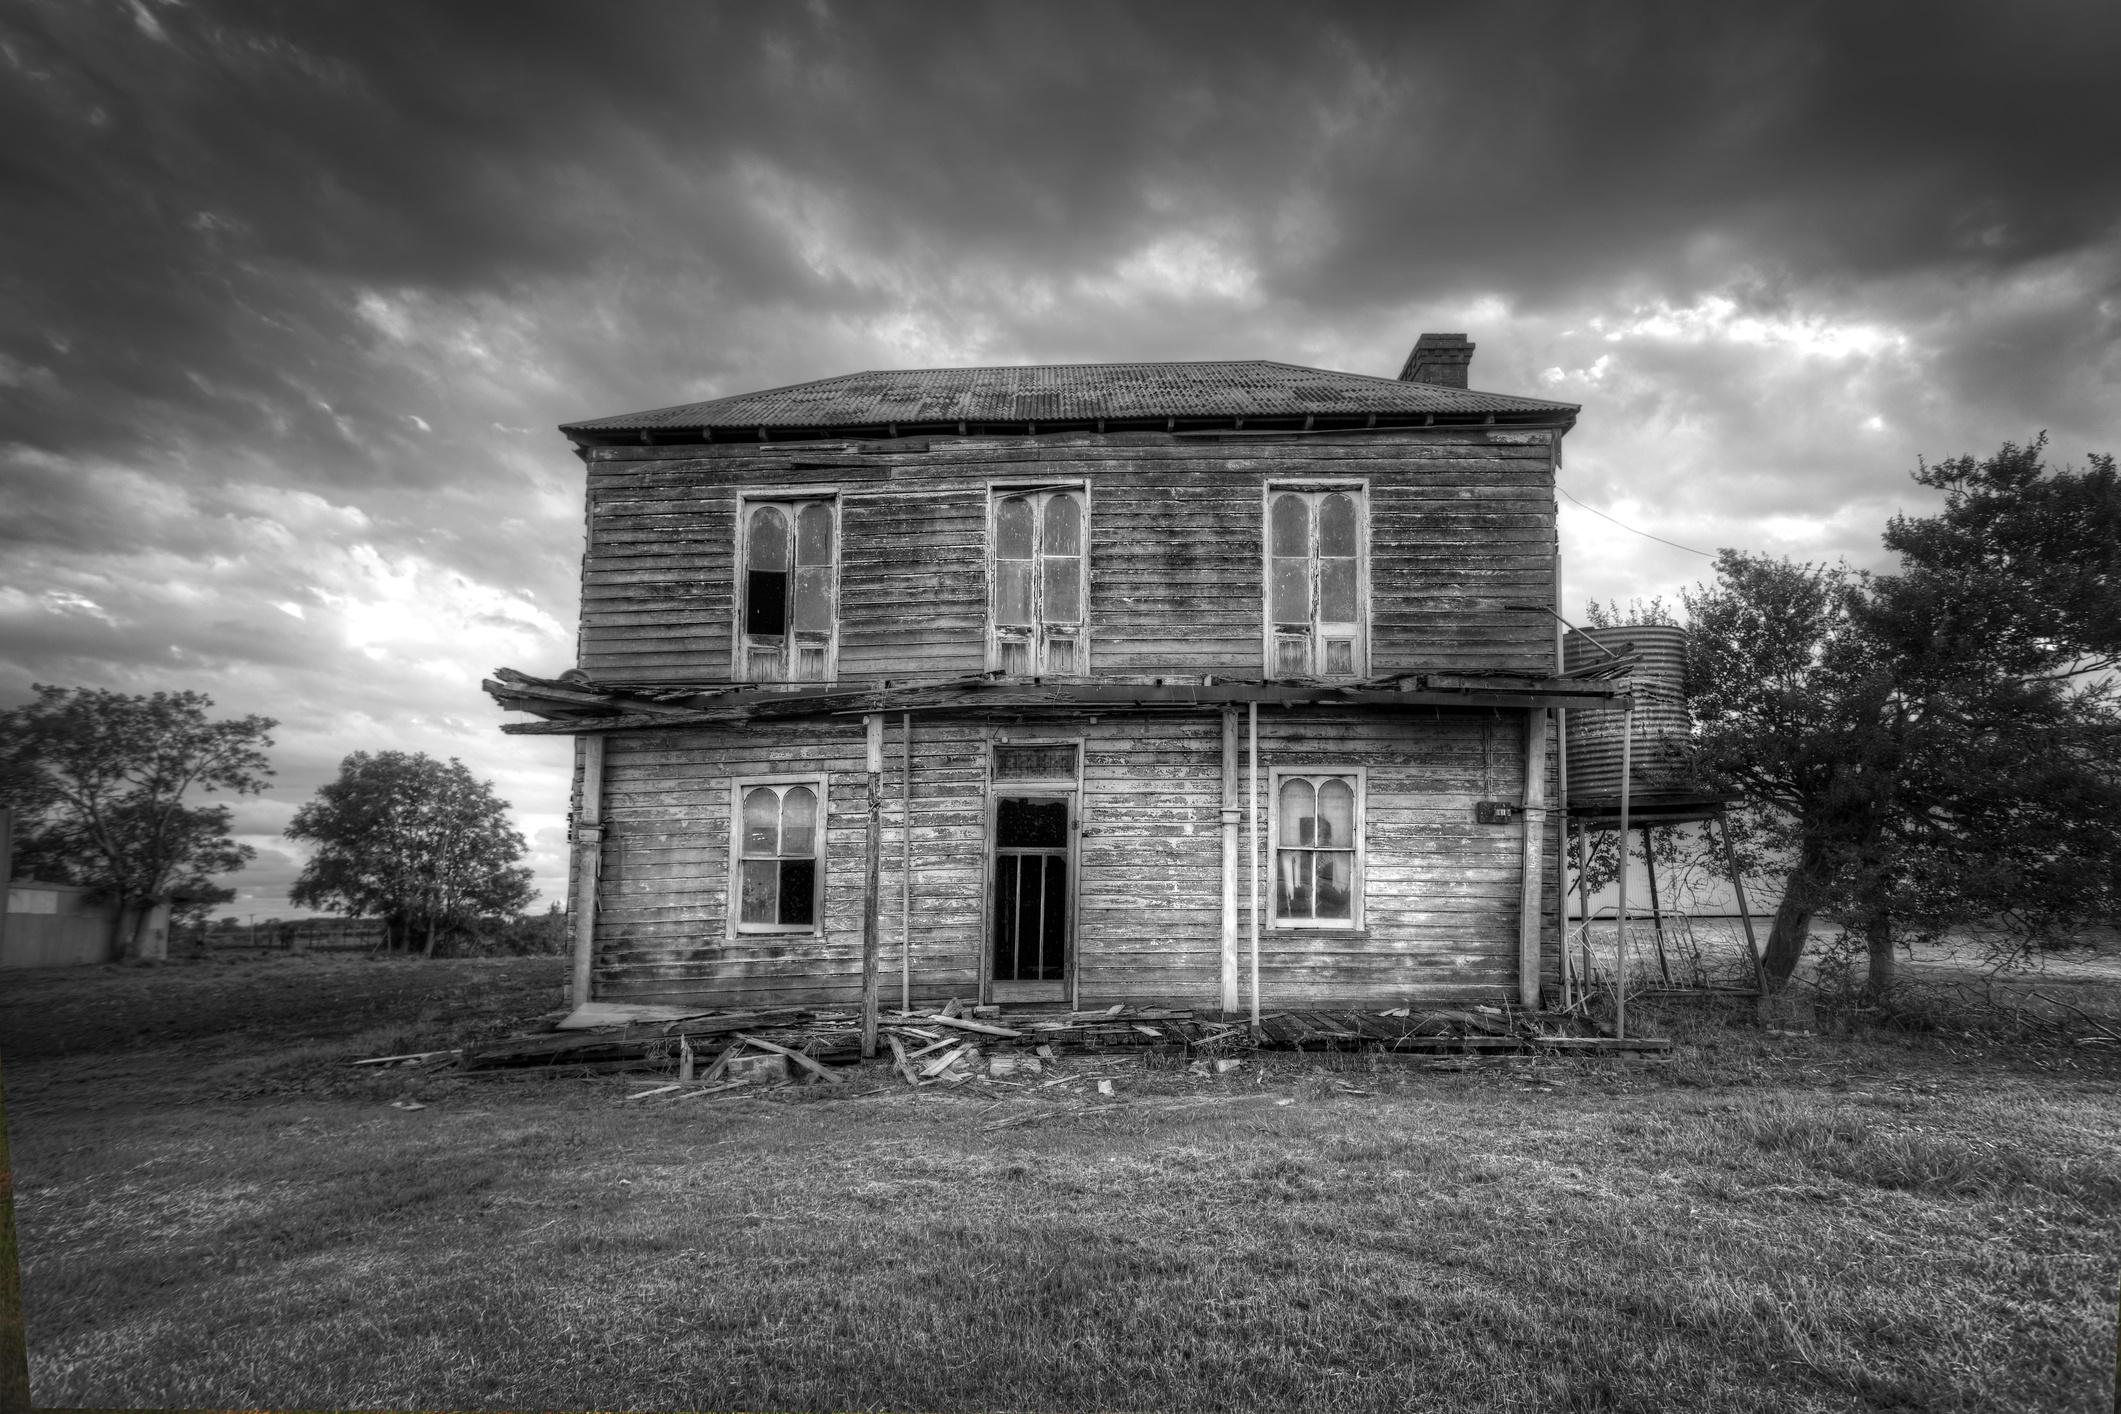 Captivating Haunted House